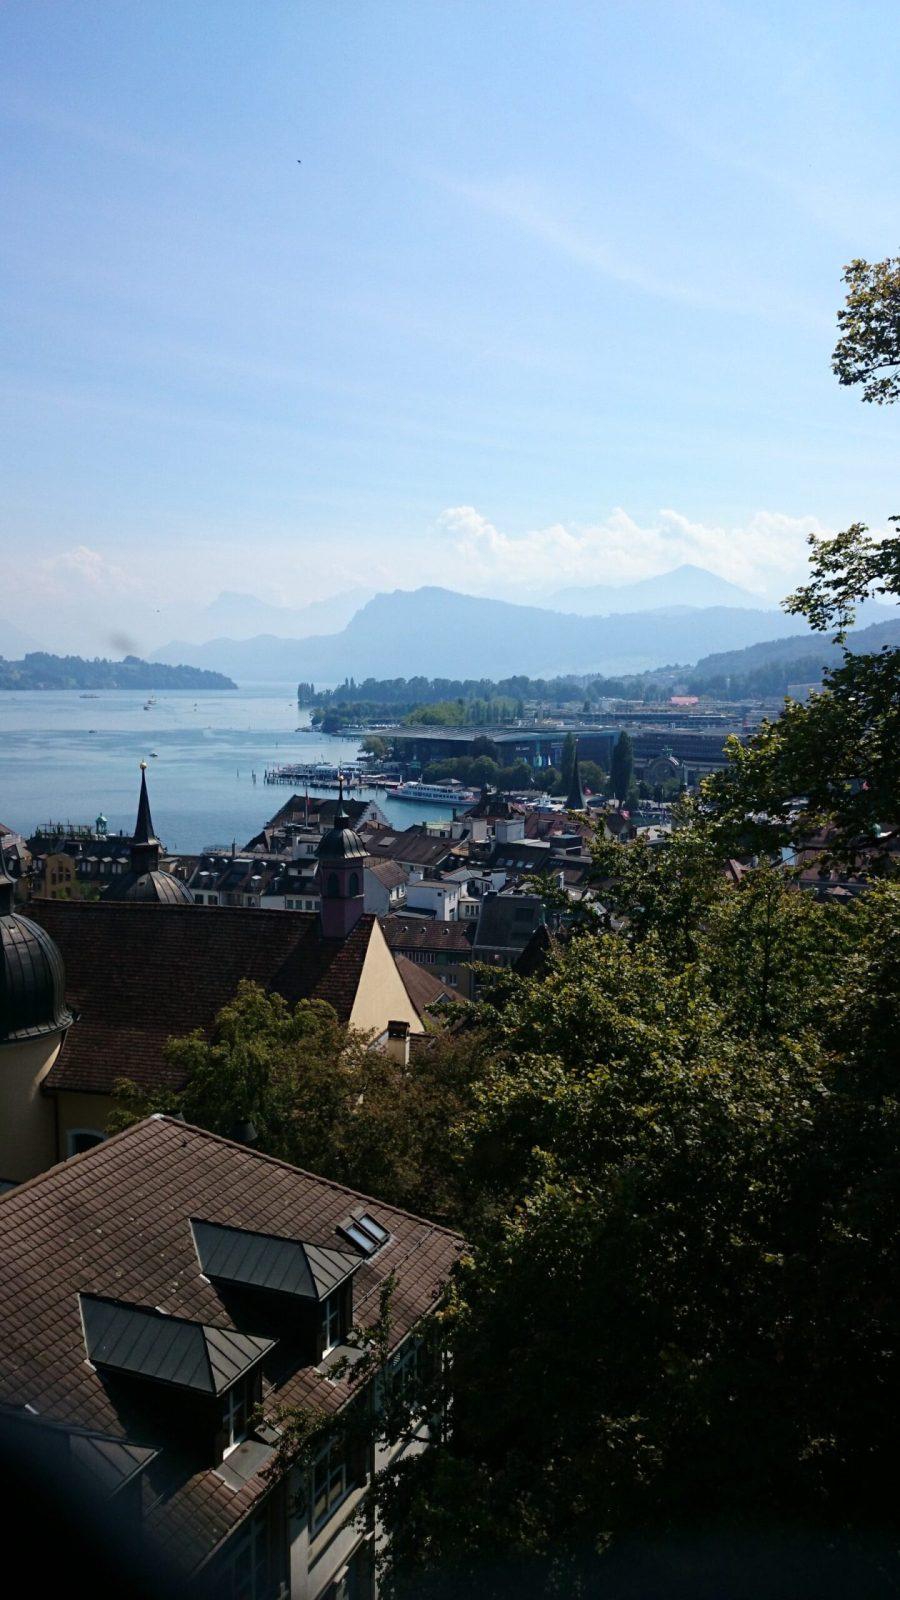 Vistas del lago y los puentes de madera.